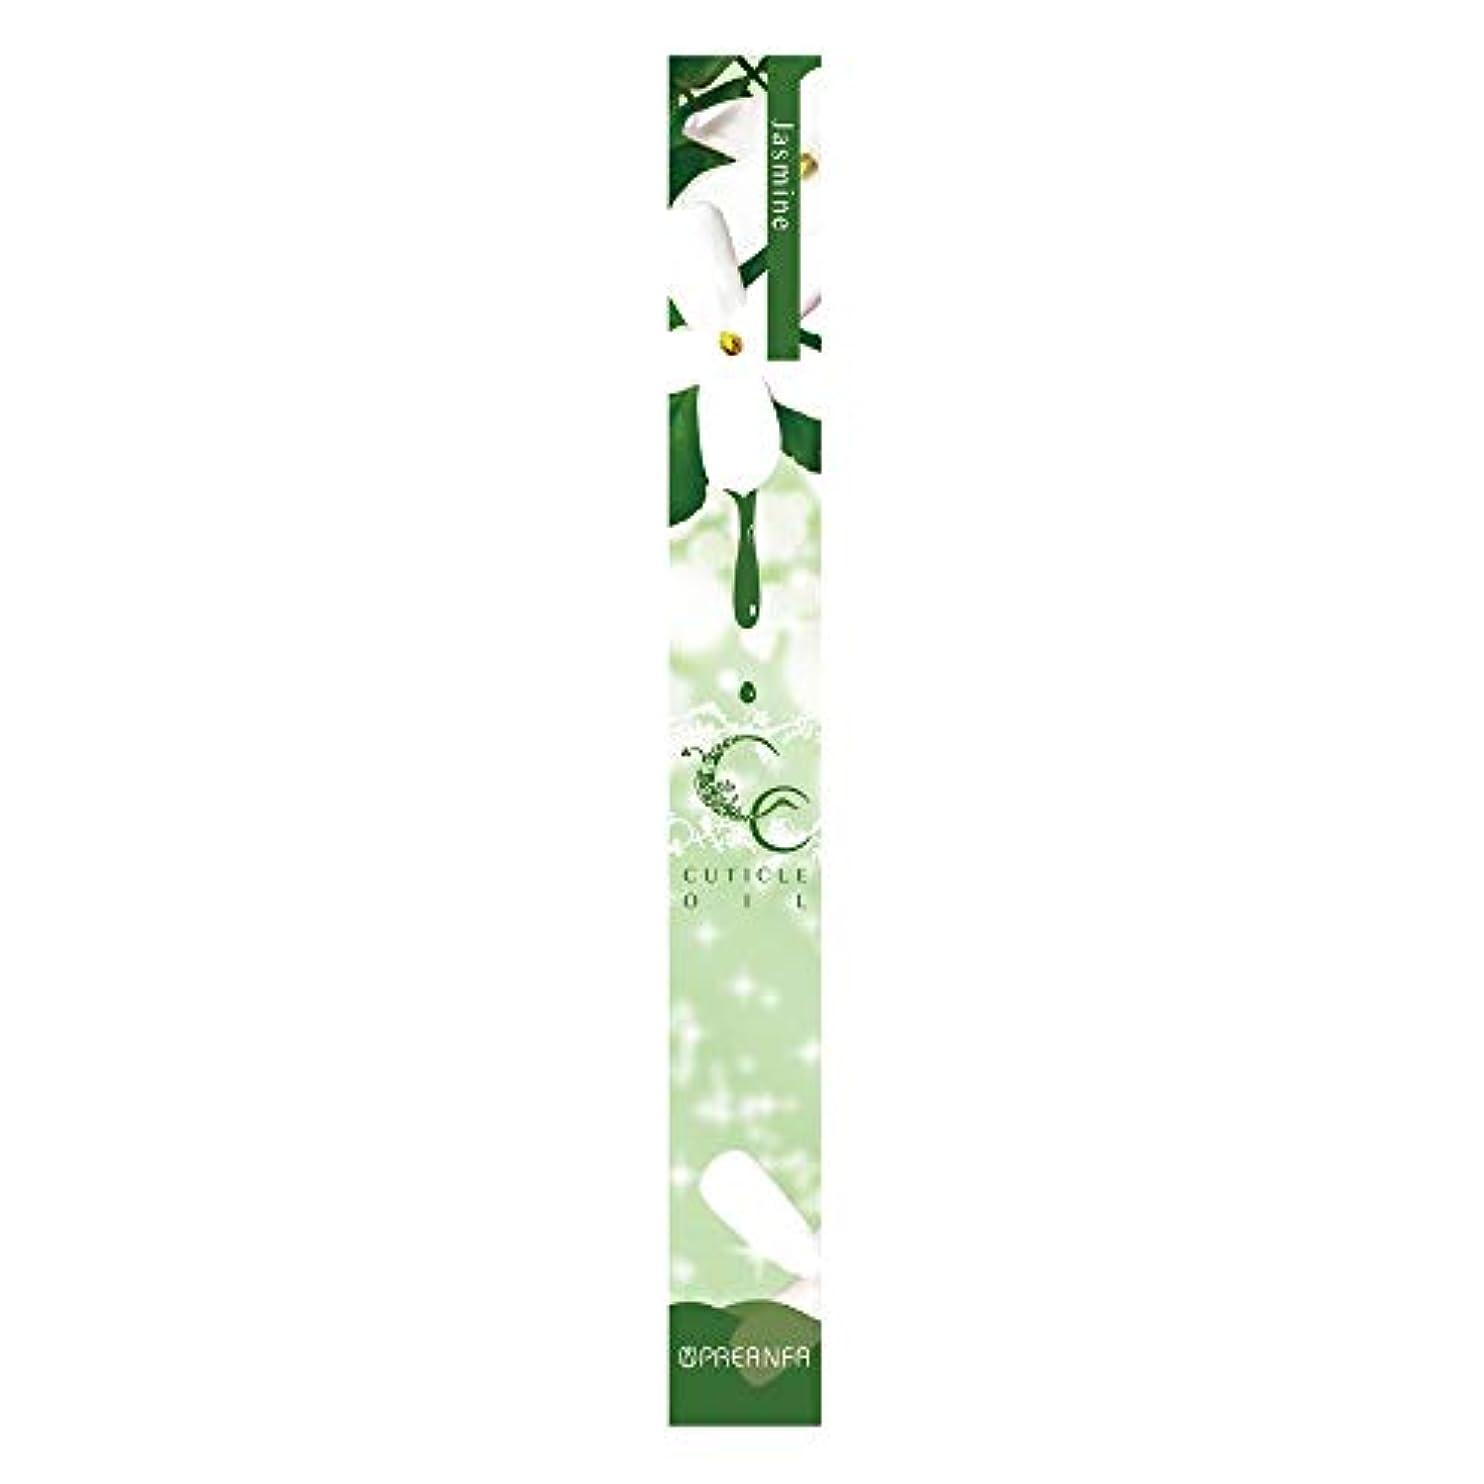 ホーンボールつばプリジェル 甘皮ケア CCキューティクルオイル ジャスミン 4.5g  保湿オイル ペンタイプ